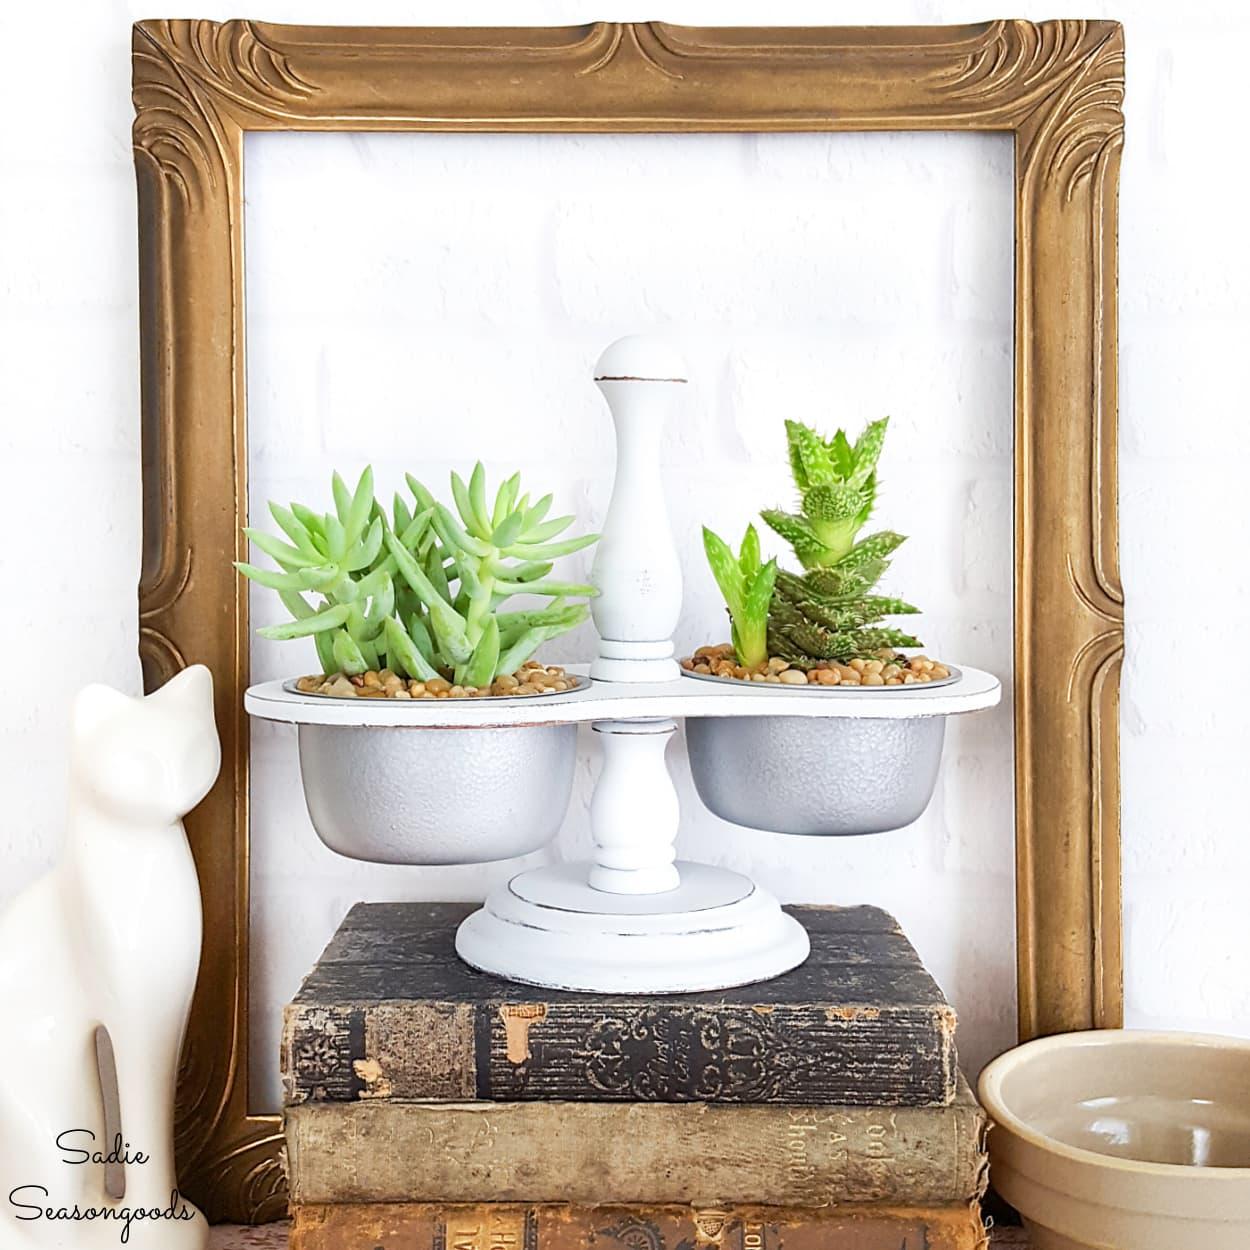 Vintage Condiment Caddy as Mini Succulent Pots